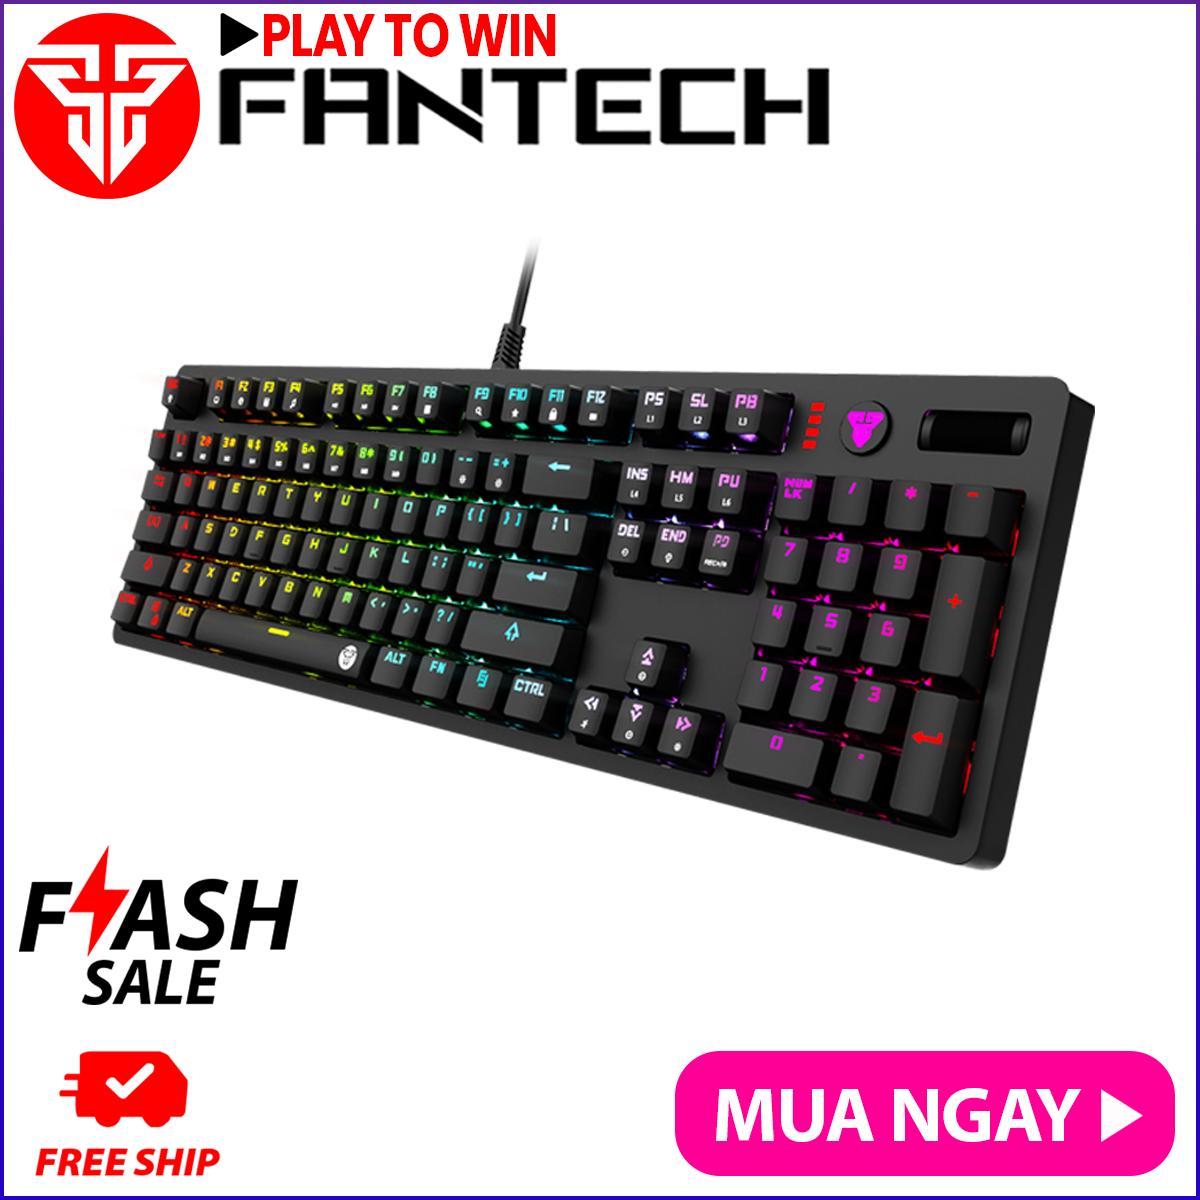 Bàn Phím Cơ Gaming Full-sized Có Dây Fantech MK851 MAXPRO Outemu Blue/Brown Switch LED RGB Full Anti Ghosting Có Phần Mềm Tùy Chỉnh Riêng – Hãng Phân Phối Chính Thức